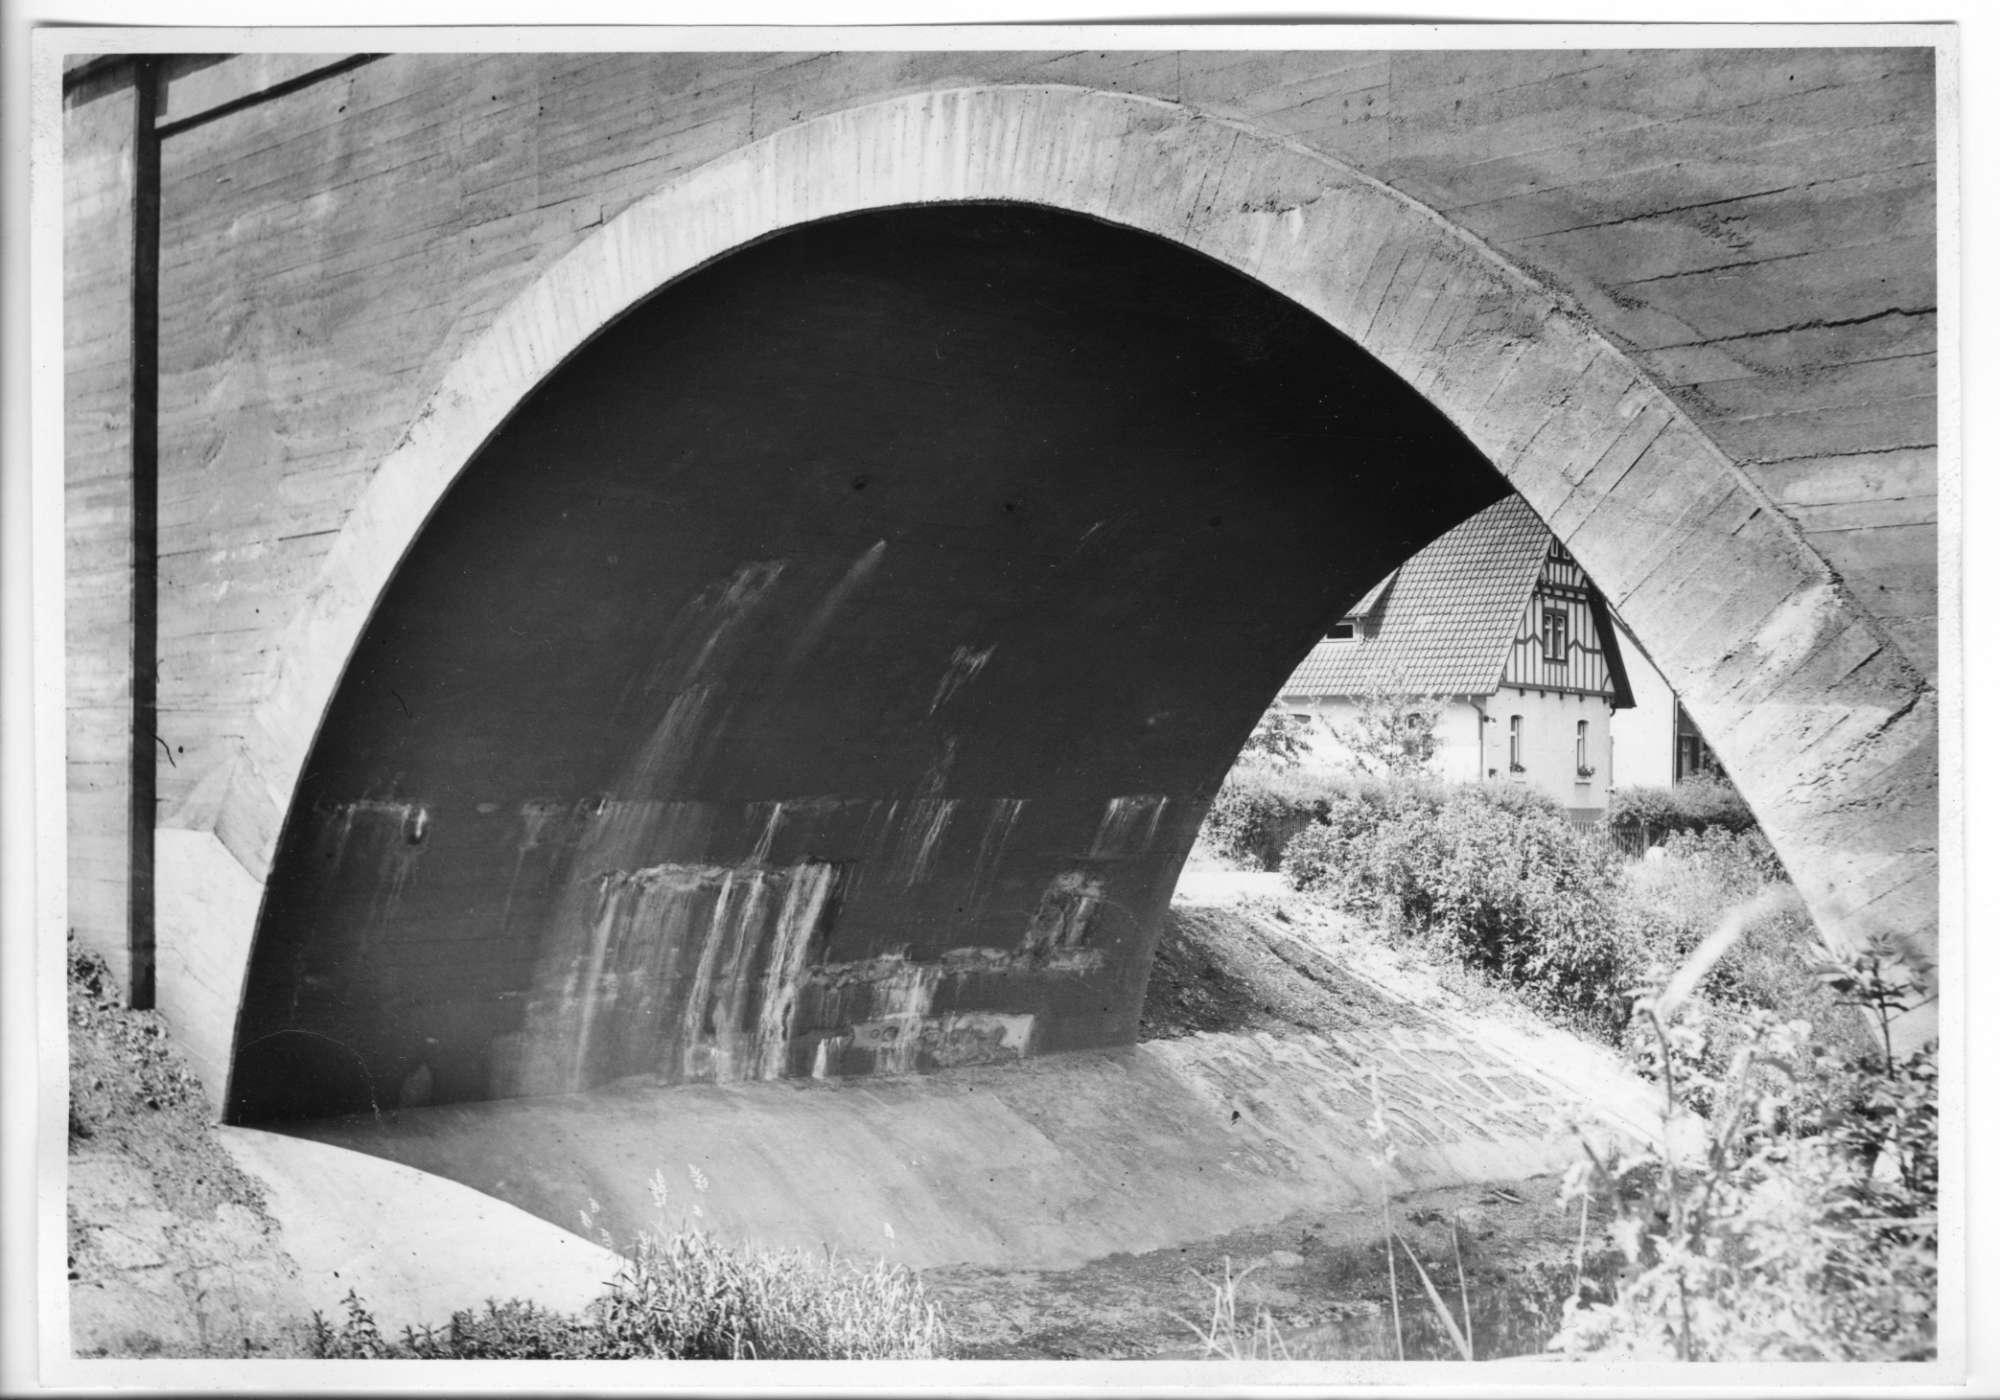 Metzingen, (Ermsbrücke), Wasserschäden, Abb. b